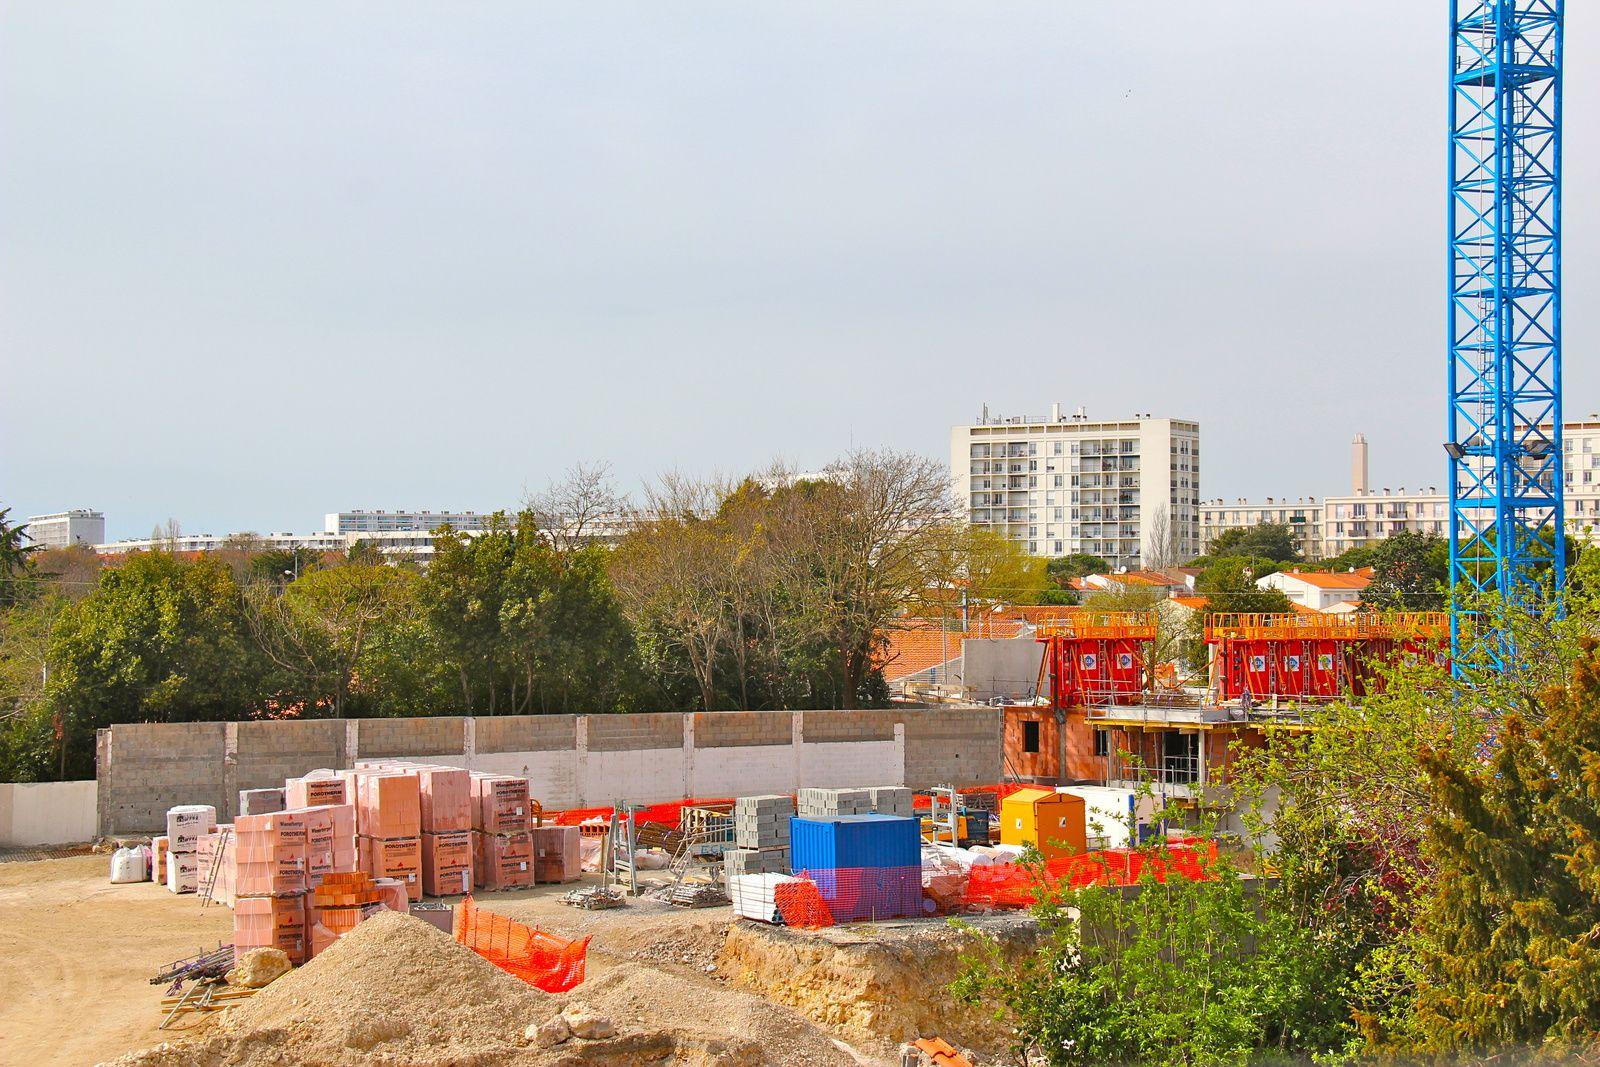 L'avancée de la première tranche, à doite de cette image, le second niveau de l'immeuble A5 s'élève progressivement..